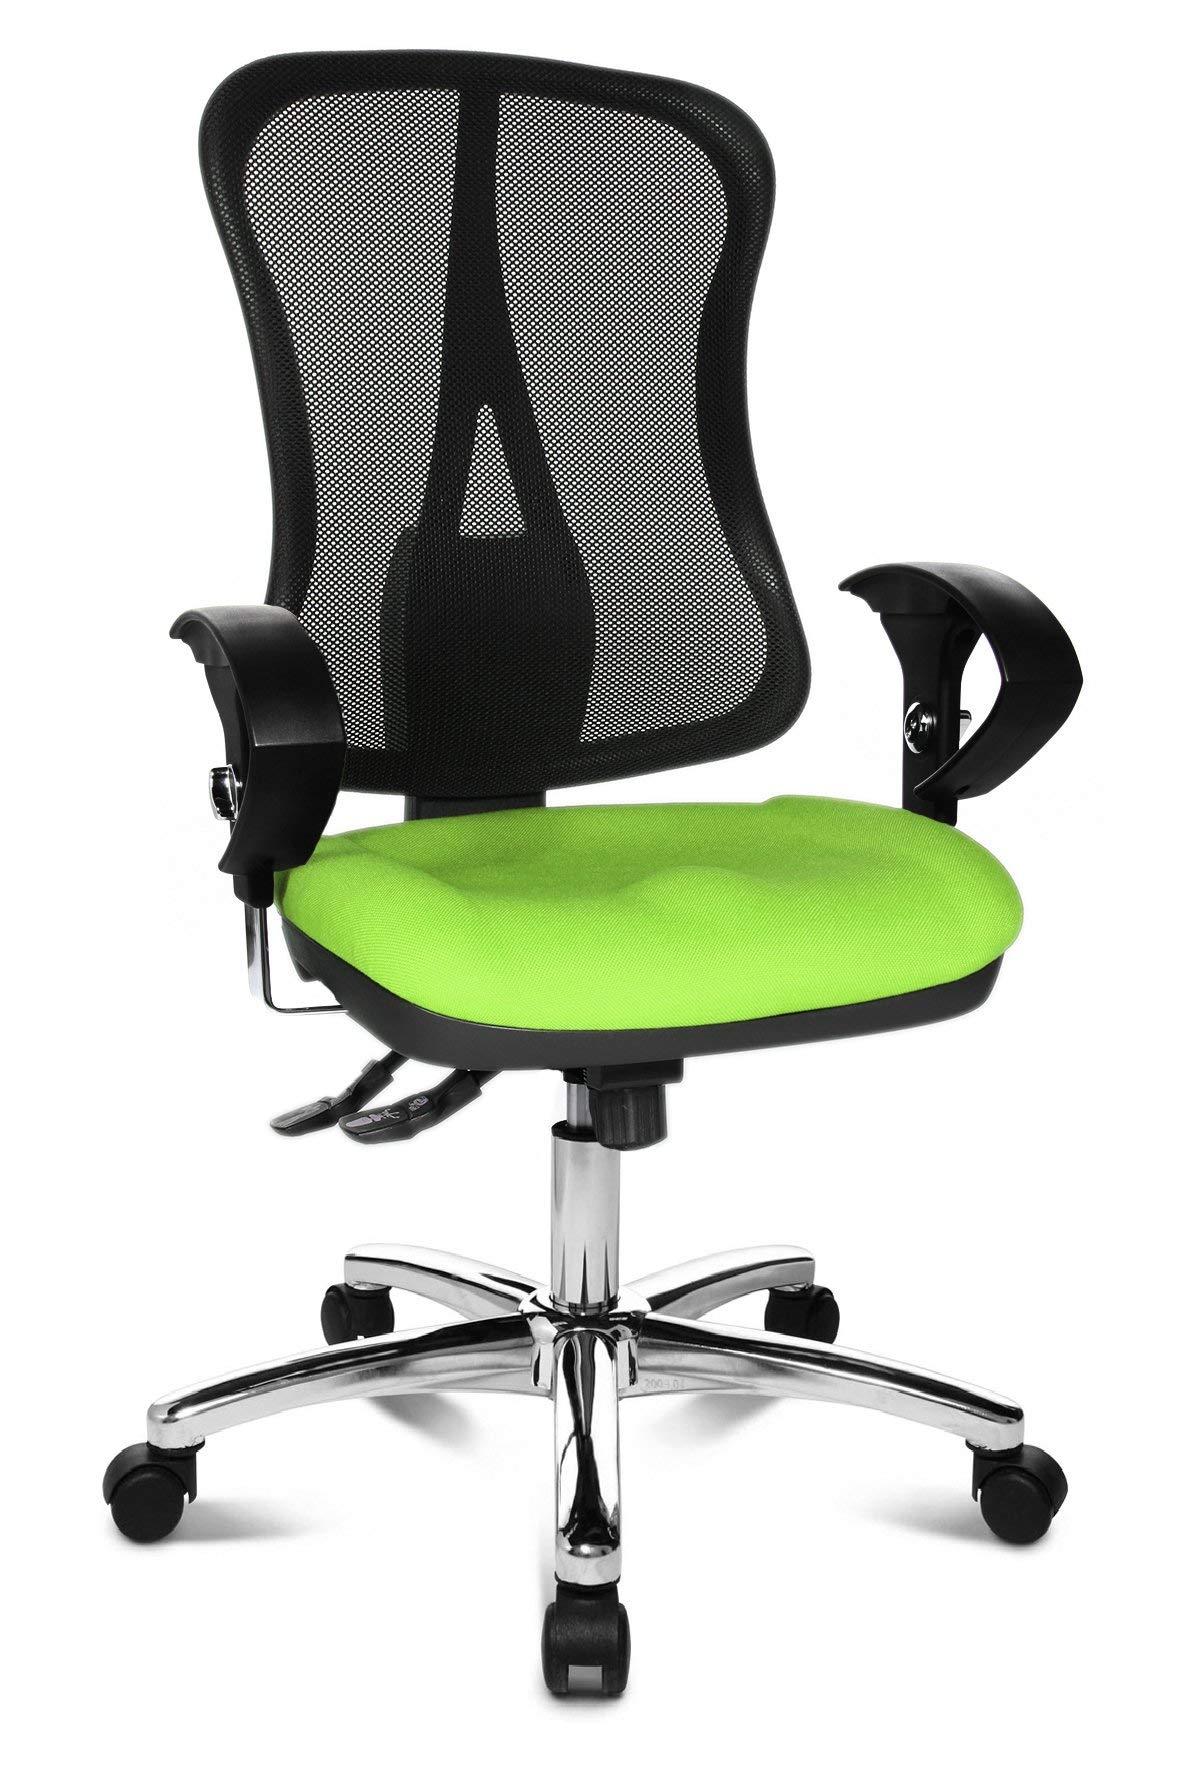 Topstar Head Point SY Deluxe, ergonomischer Bürostuhl, Schreibtischstuhl, inkl. Armlehnen, Stoff, apfelgrünschwarz